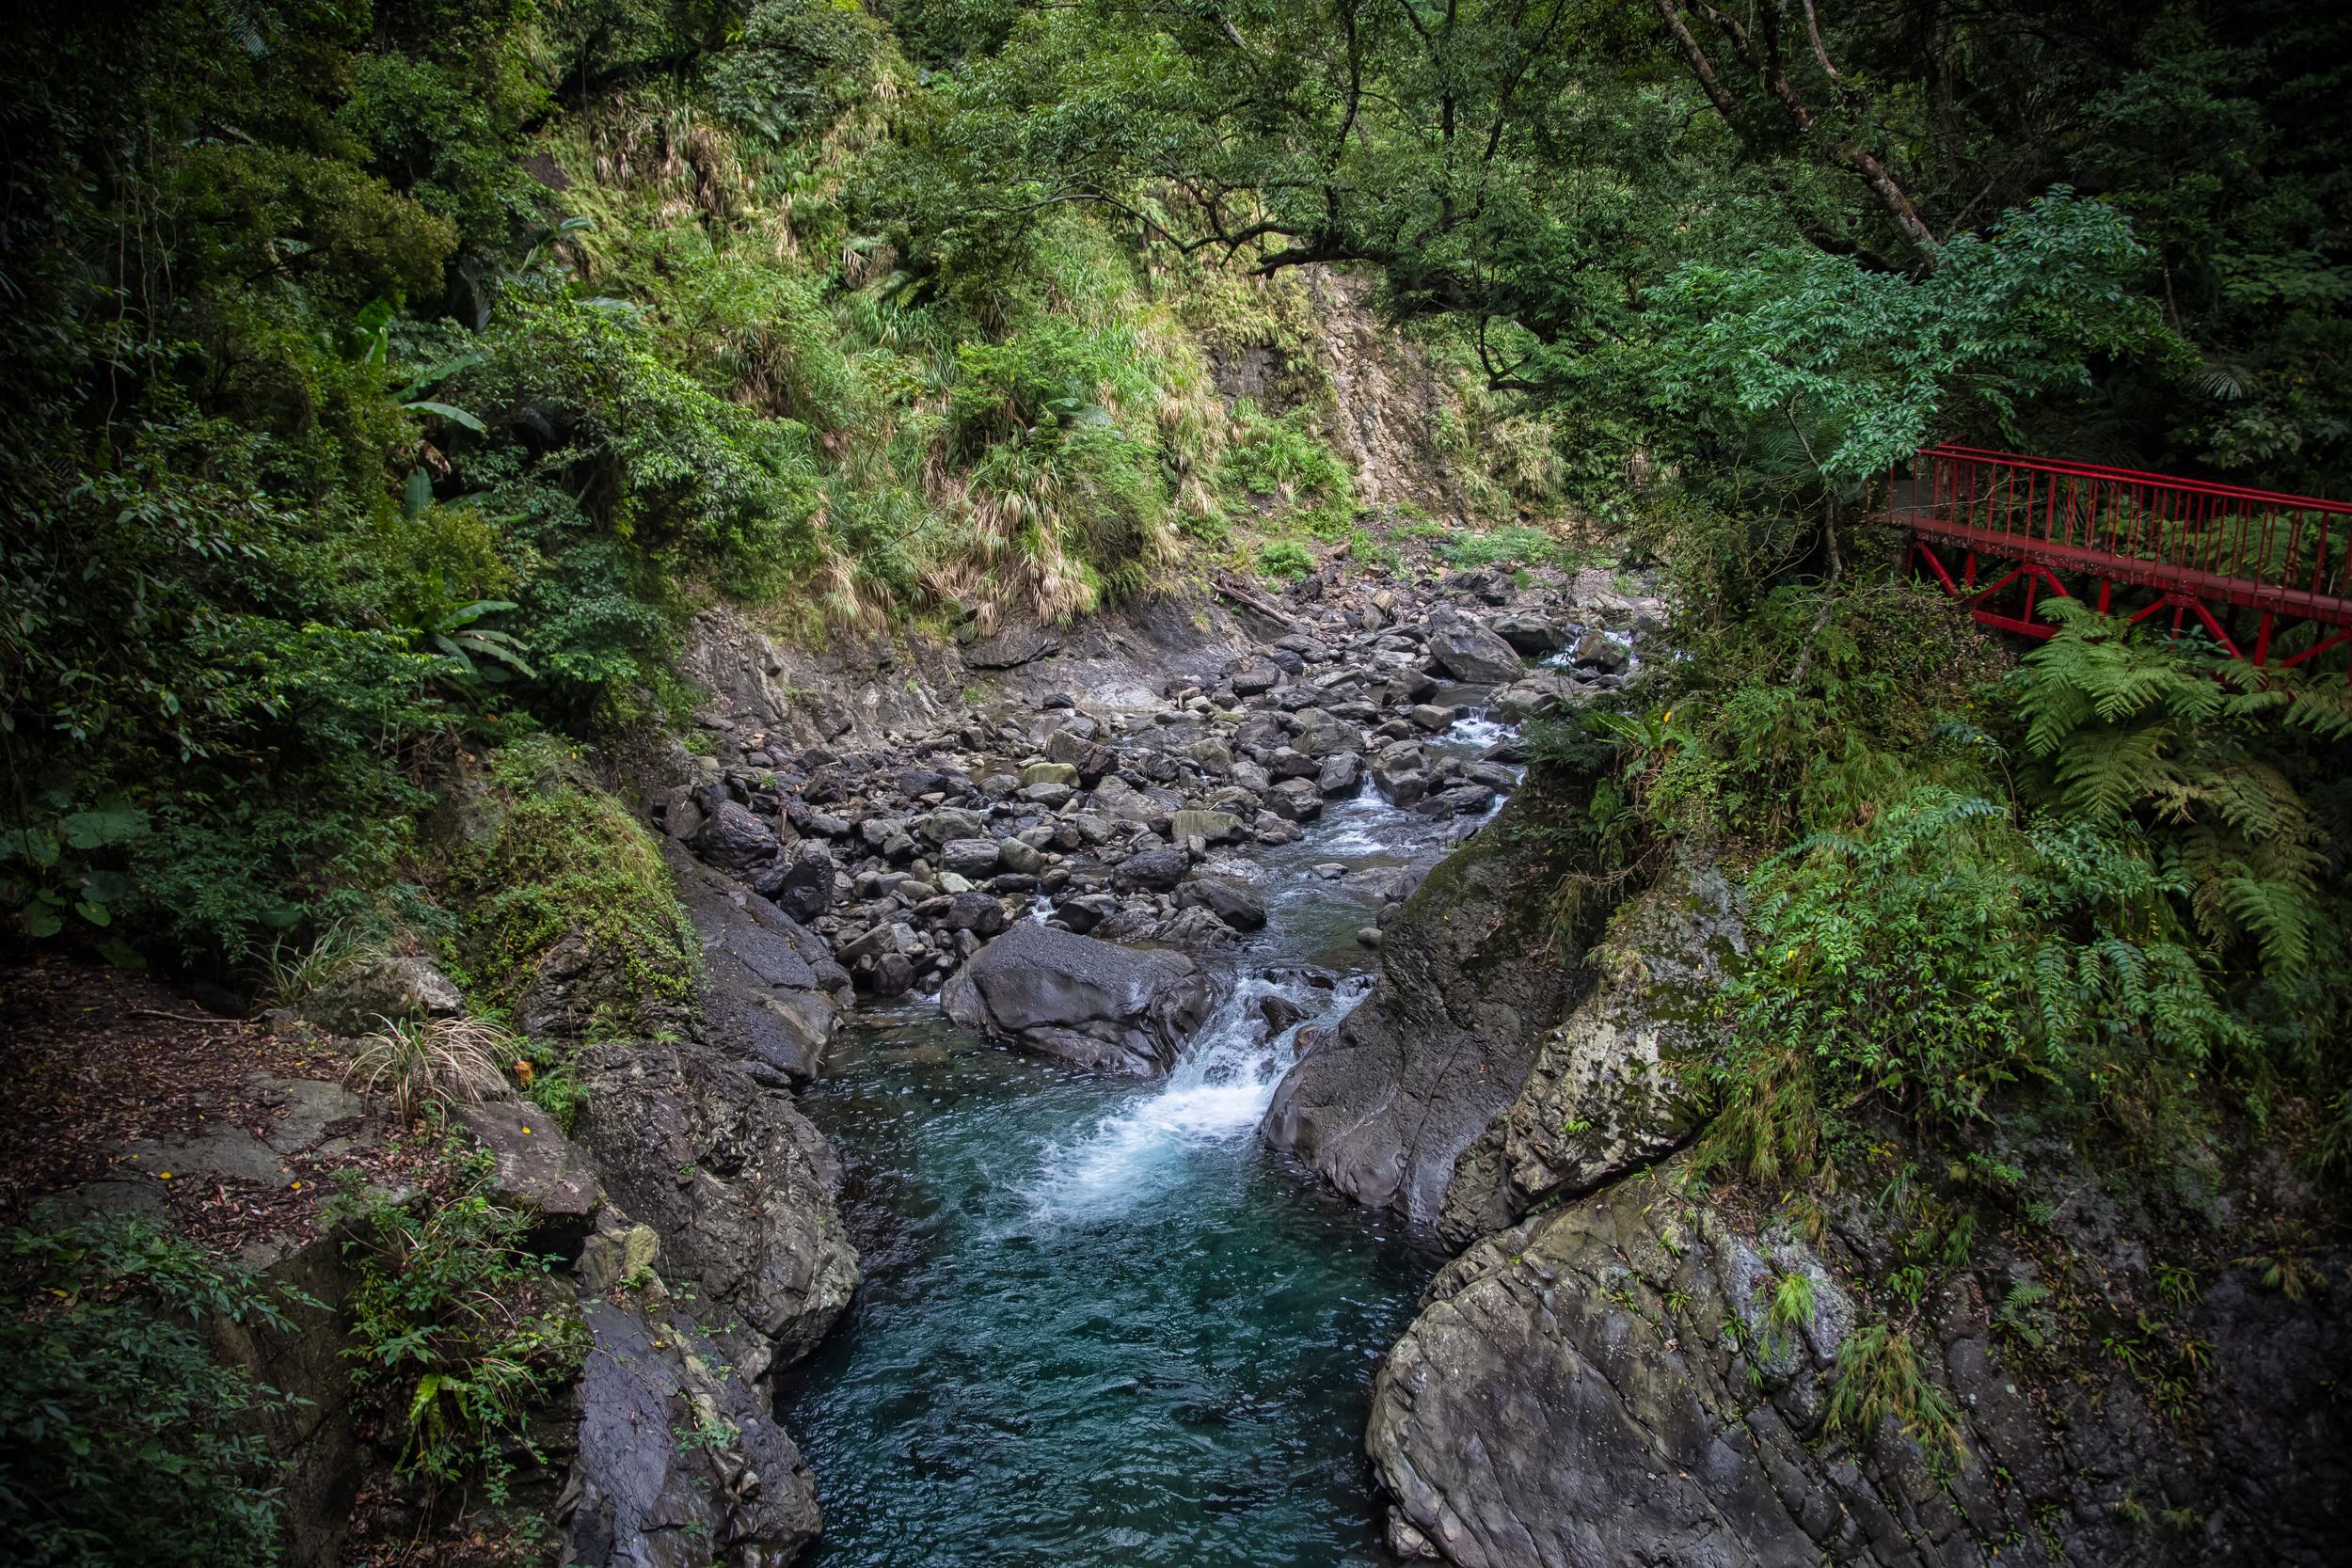 - The walking path to Xiao Wulai Waterfall's base.